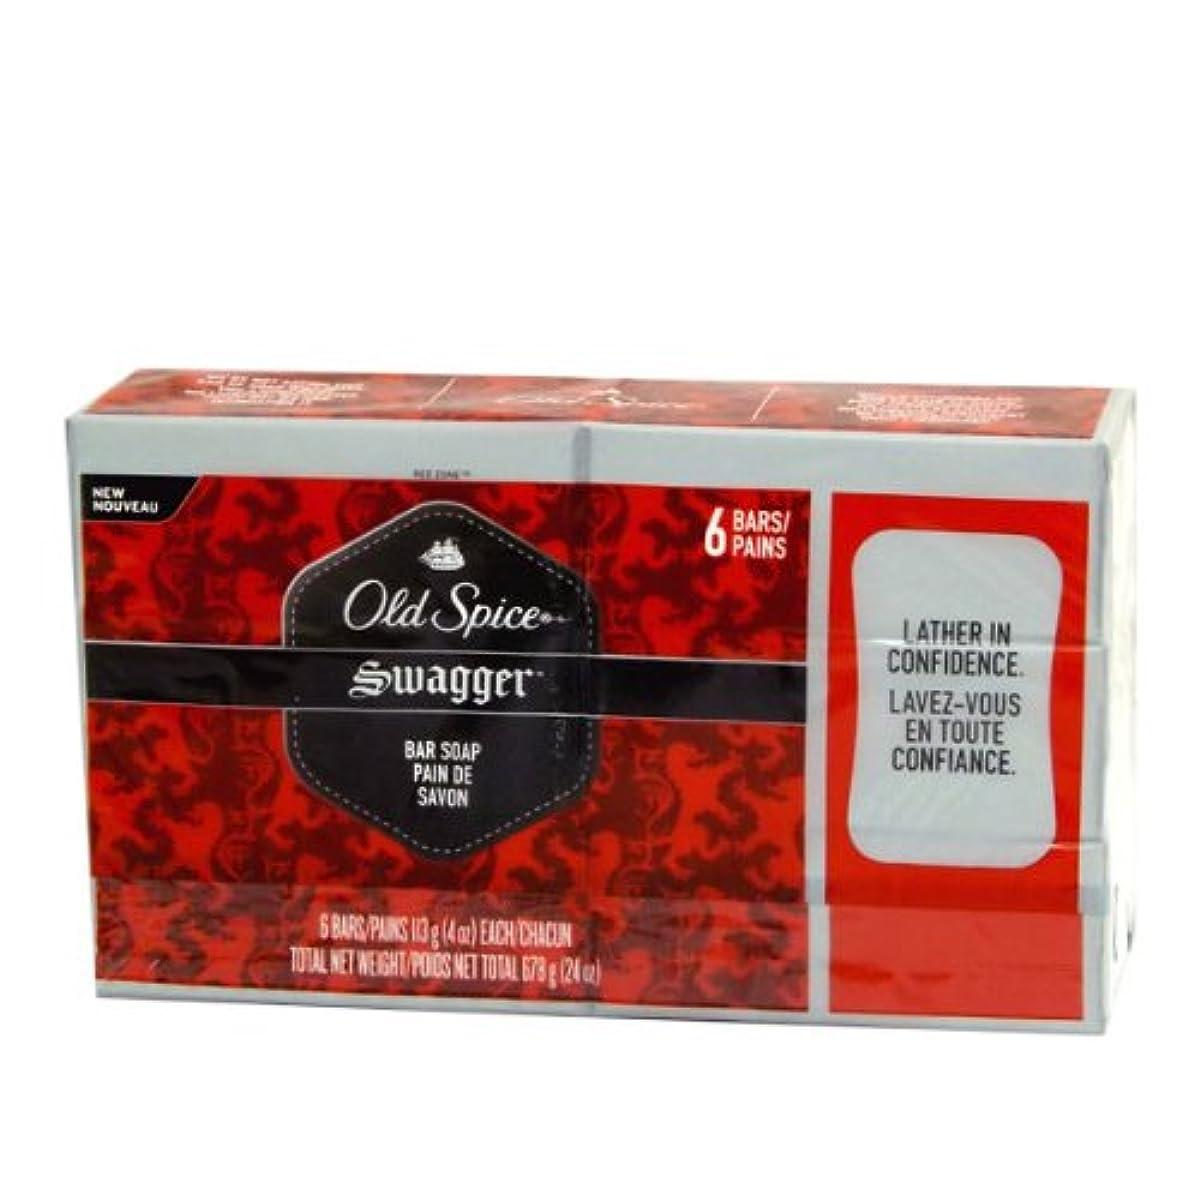 ノミネート肉屋観光に行くOld spice bar soap swagger オールドスパイス バーソープ スワガー (石鹸) 6個パック [並行輸入品]